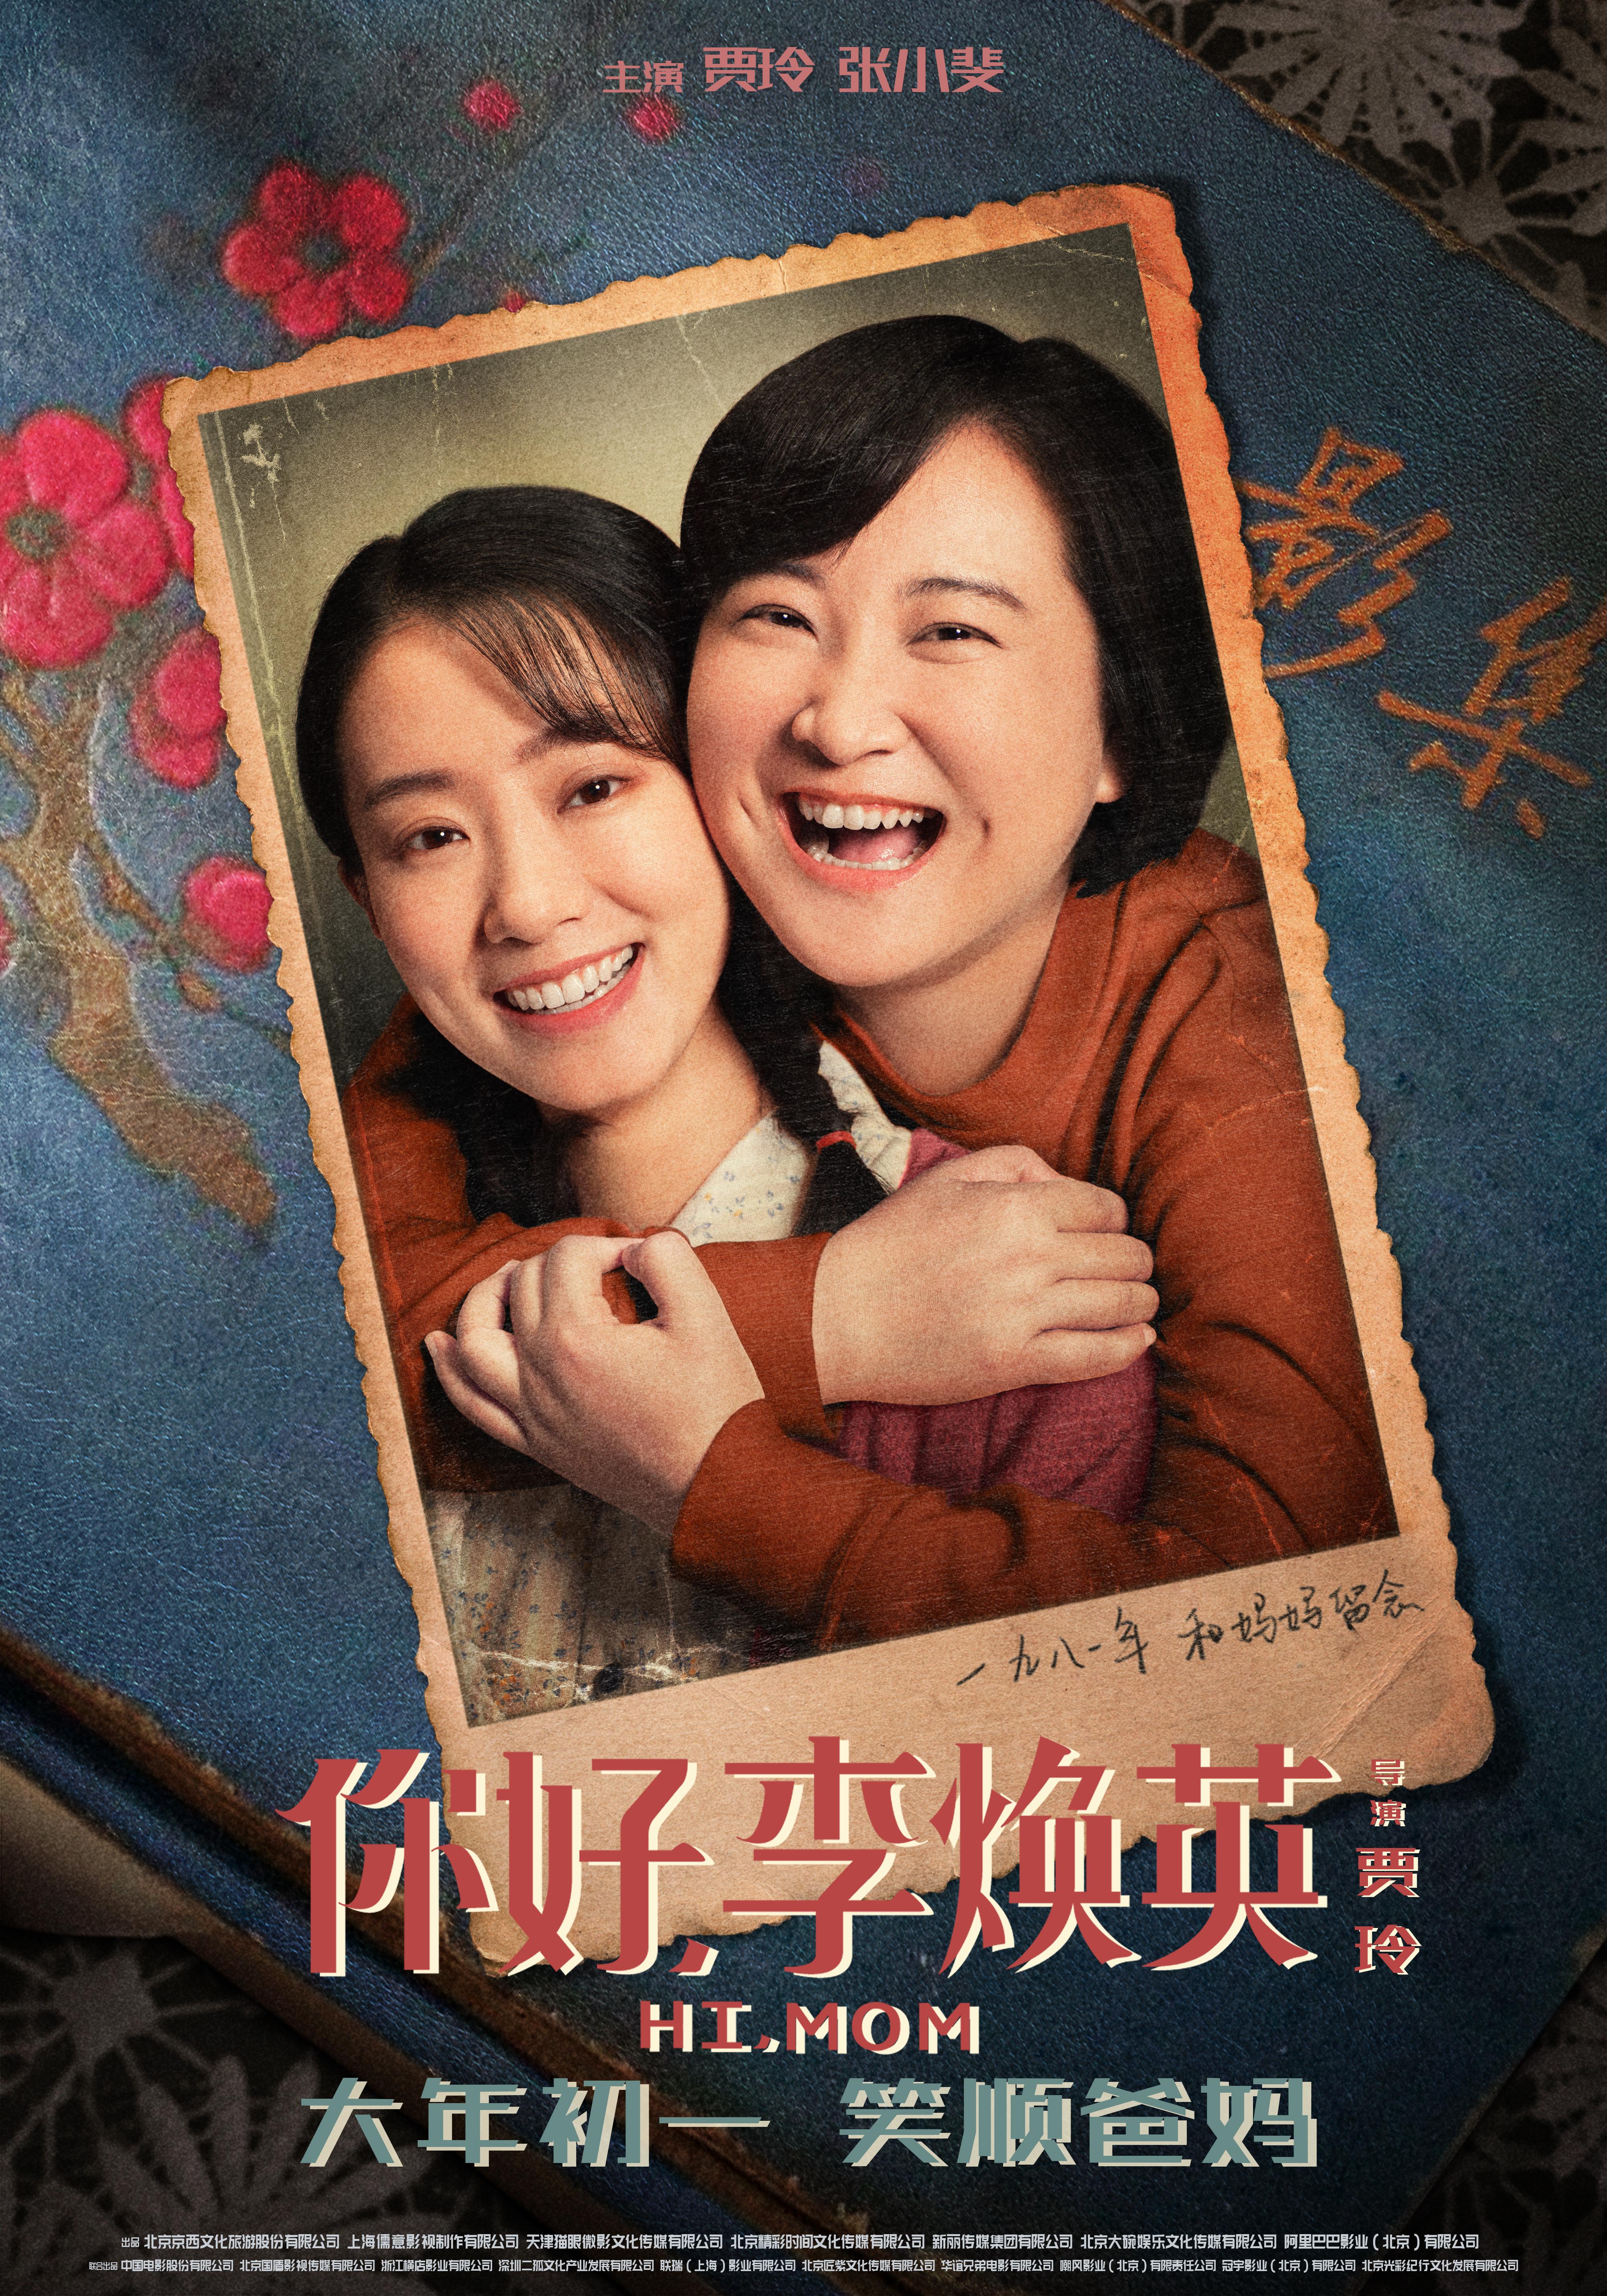 Phim Xin Chào, Lý Hoán Anh - Hi, Mom (Ni hao, Li Huan Ying) (2021)